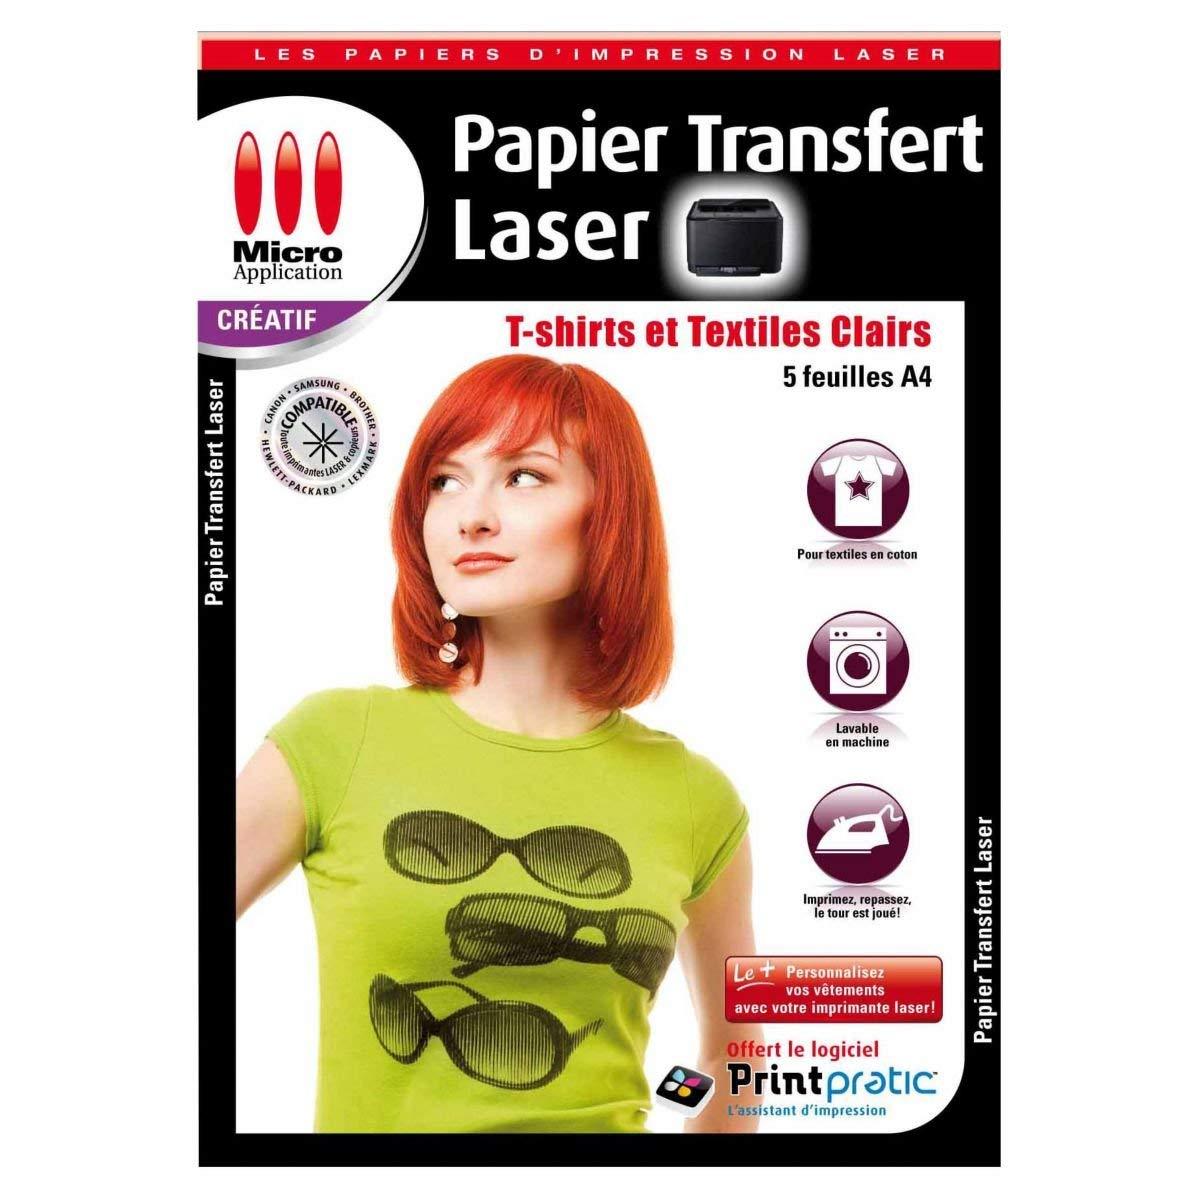 papier transfert laser t shirts et textiles clairs 5. Black Bedroom Furniture Sets. Home Design Ideas